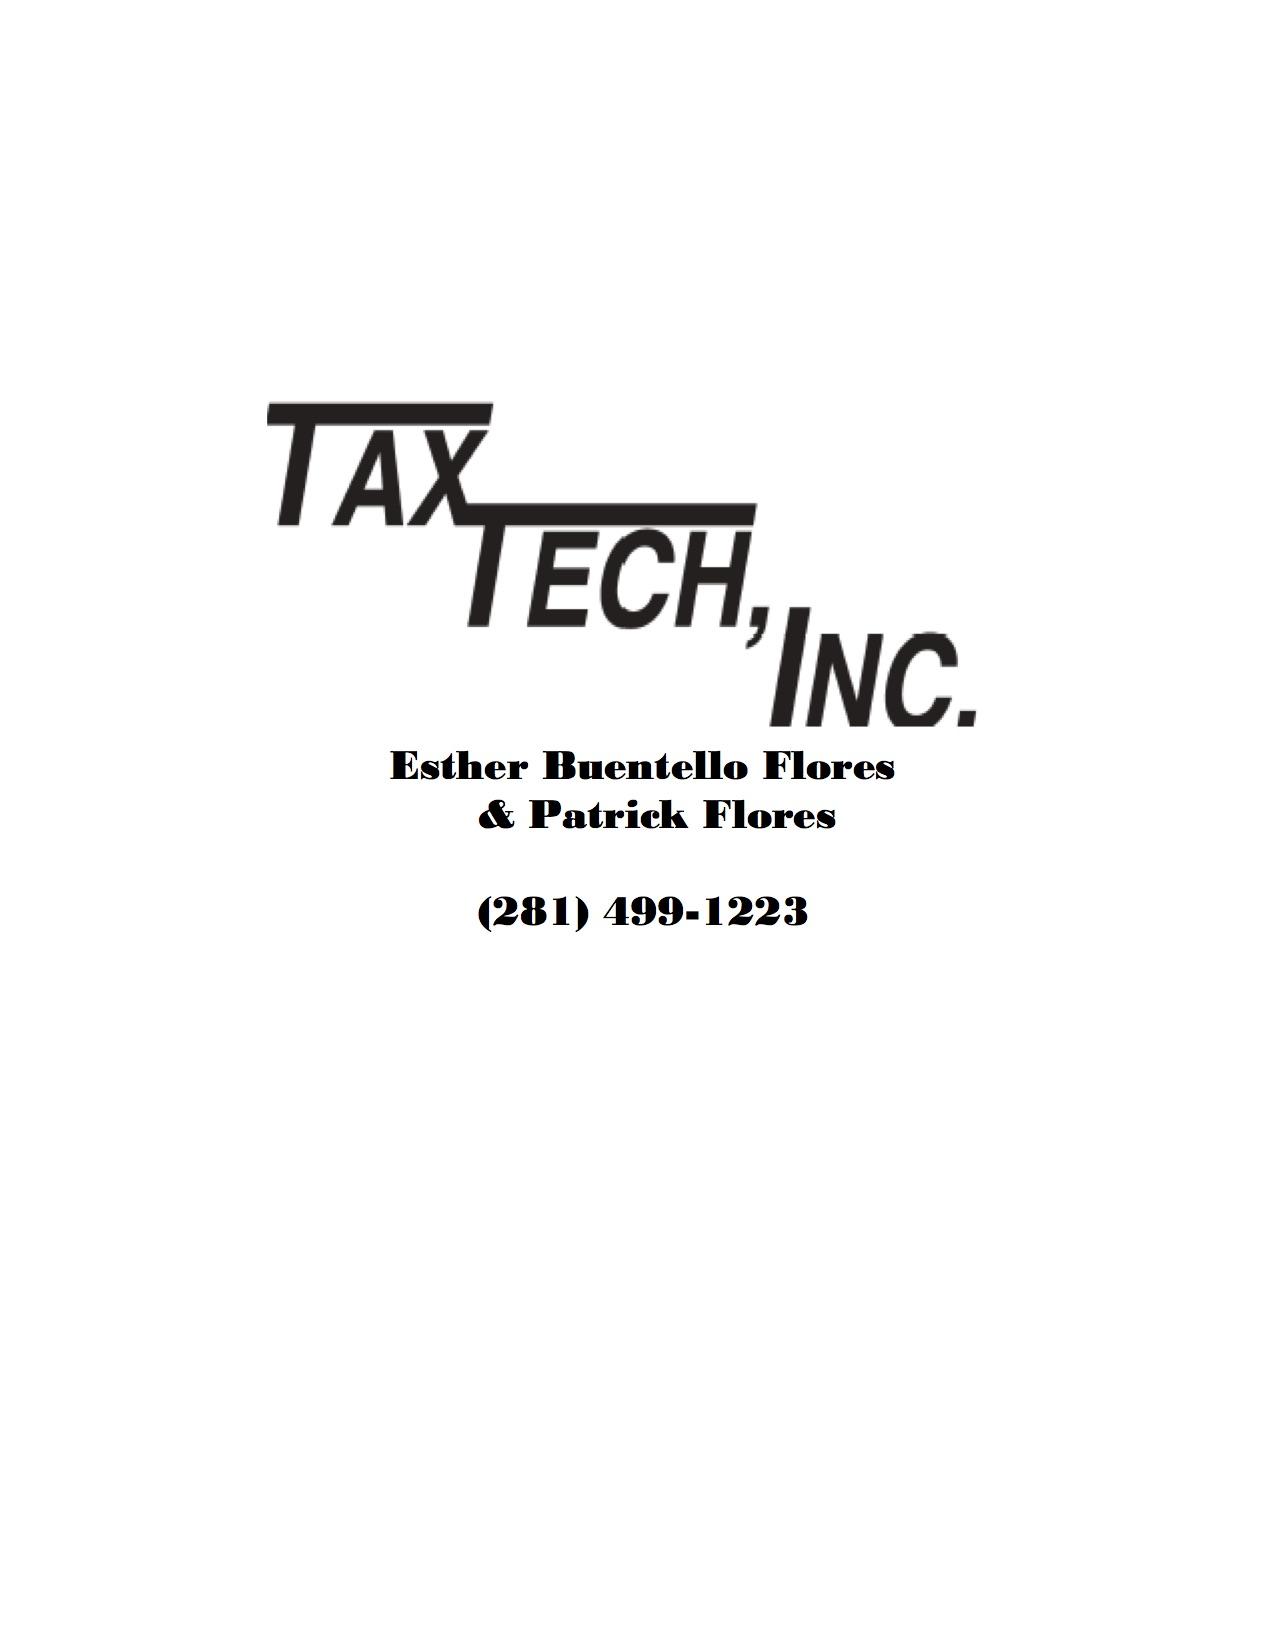 Tax Teach Inc